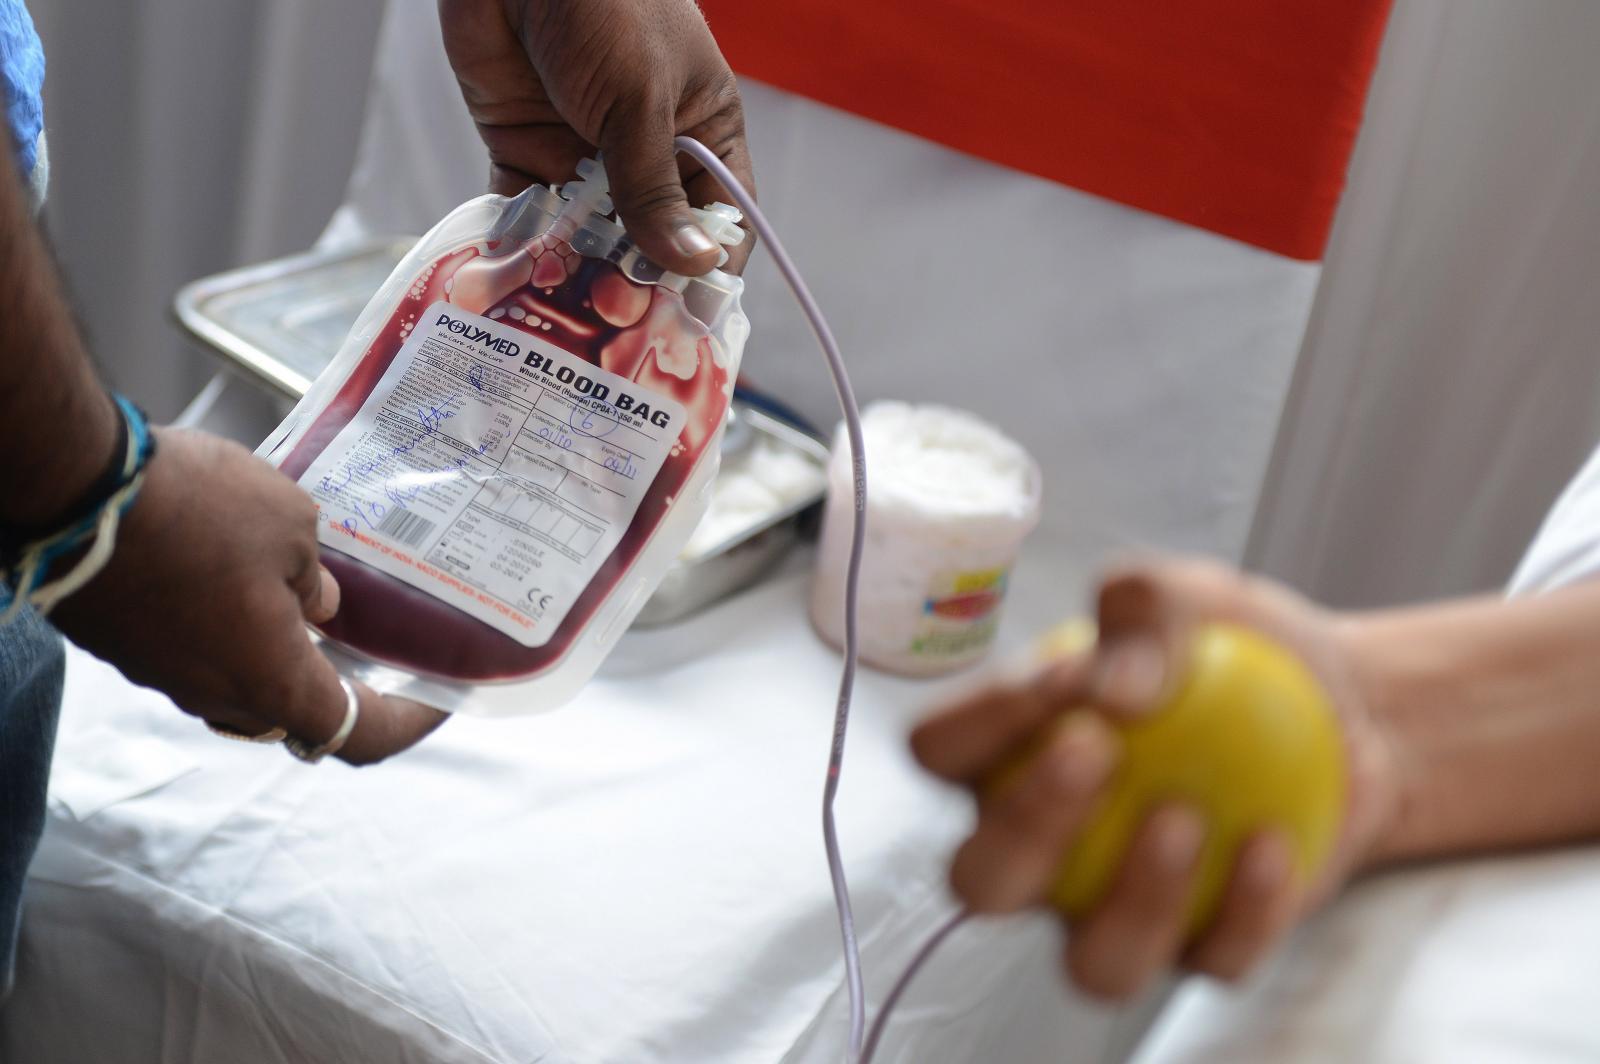 ข้อแนะนำสำหรับการบริจาคเลือด ในสถานการณ์ โควิด-19